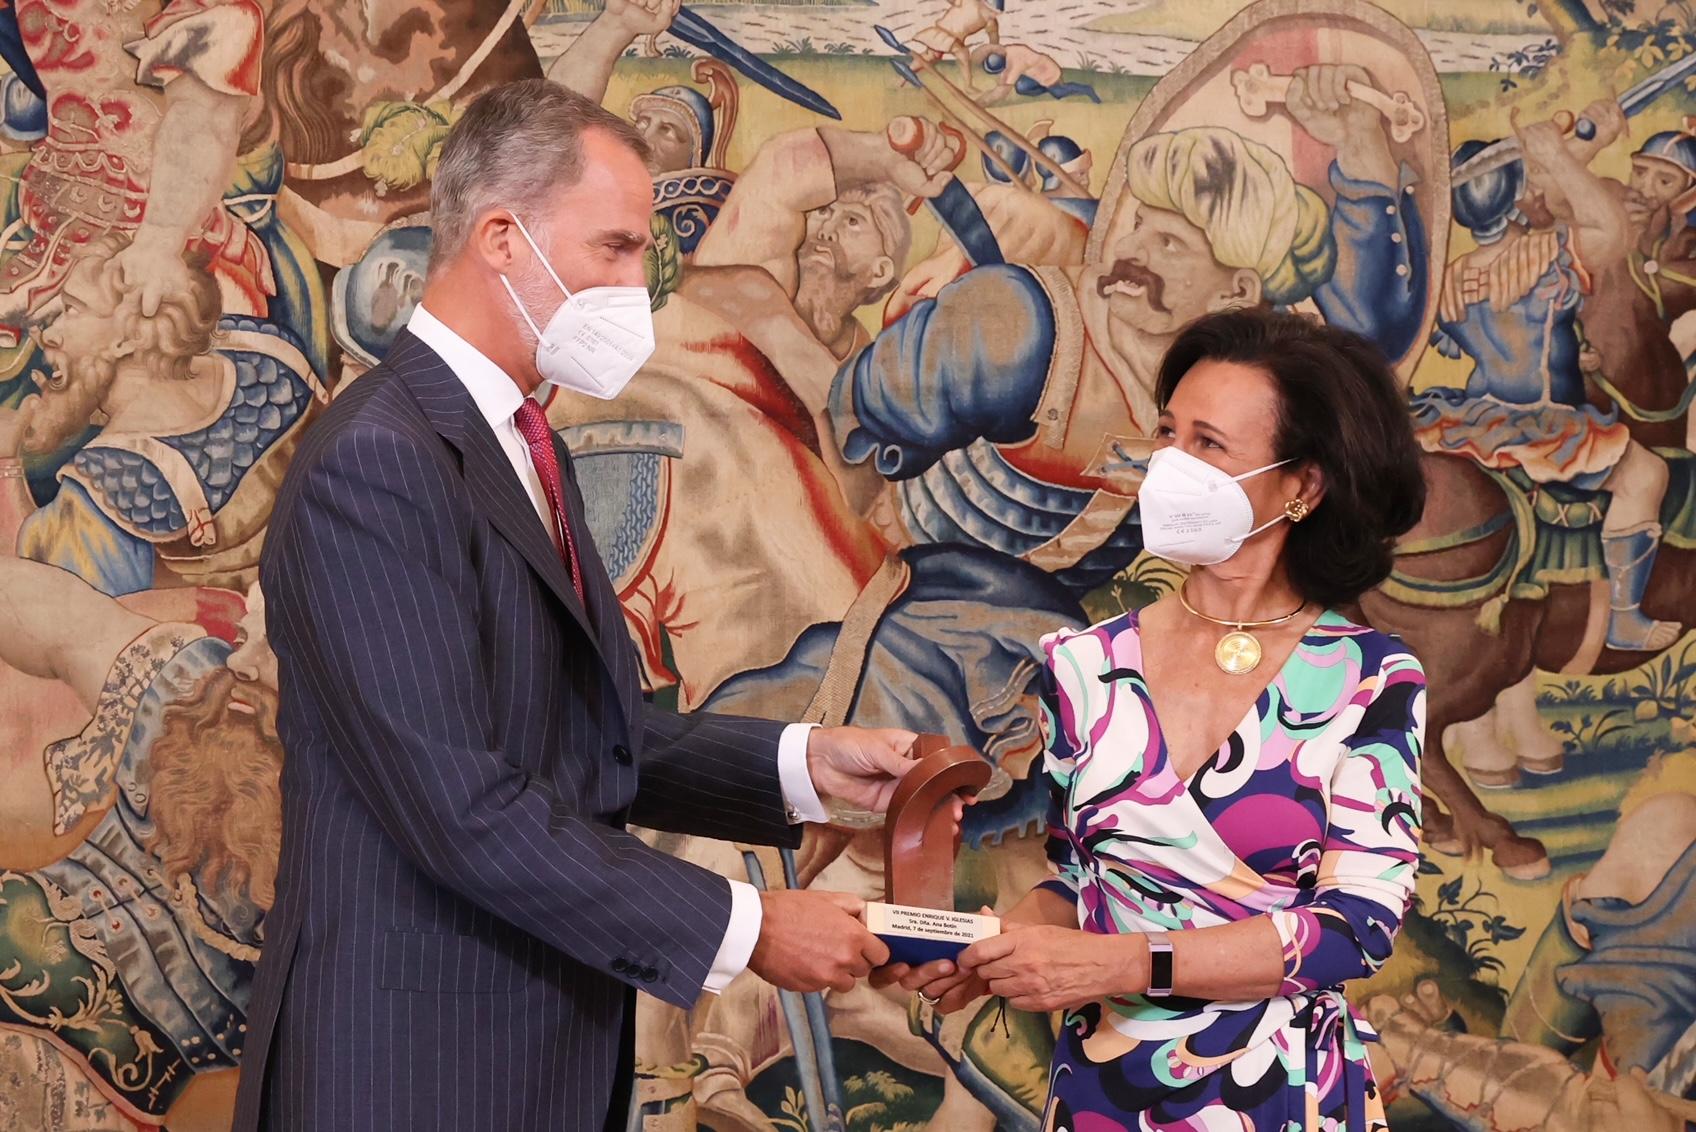 Ana Botín recibe el Premio Enrique V. Iglesias por su contribución al crecimiento de Iberoamérica